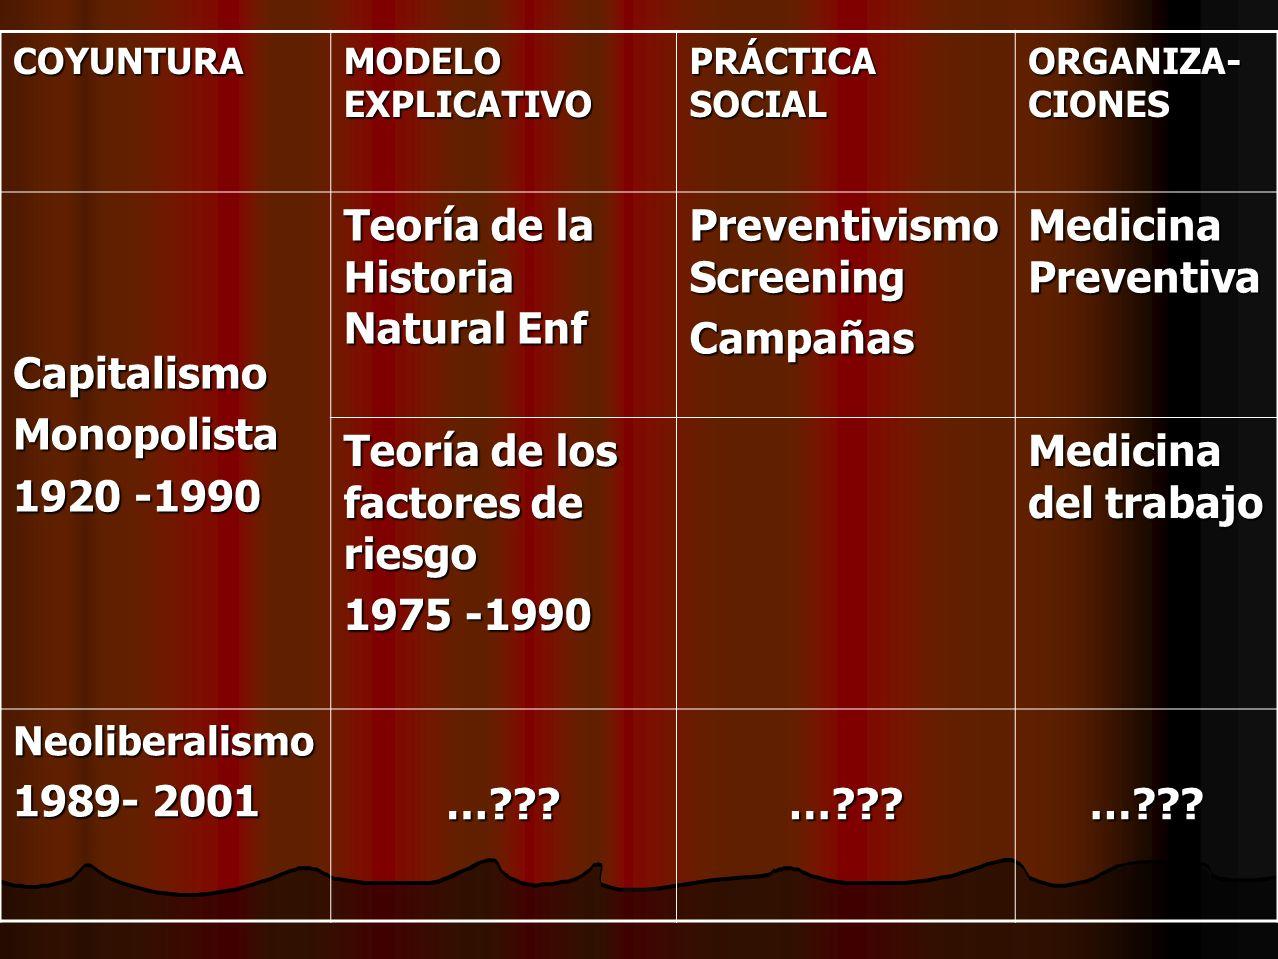 COYUNTURA MODELO EXPLICATIVO PRÁCTICA SOCIAL ORGANIZA- CIONES CapitalismoMonopolista 1920 -1990 Teoría de la Historia Natural Enf Preventivismo Screen